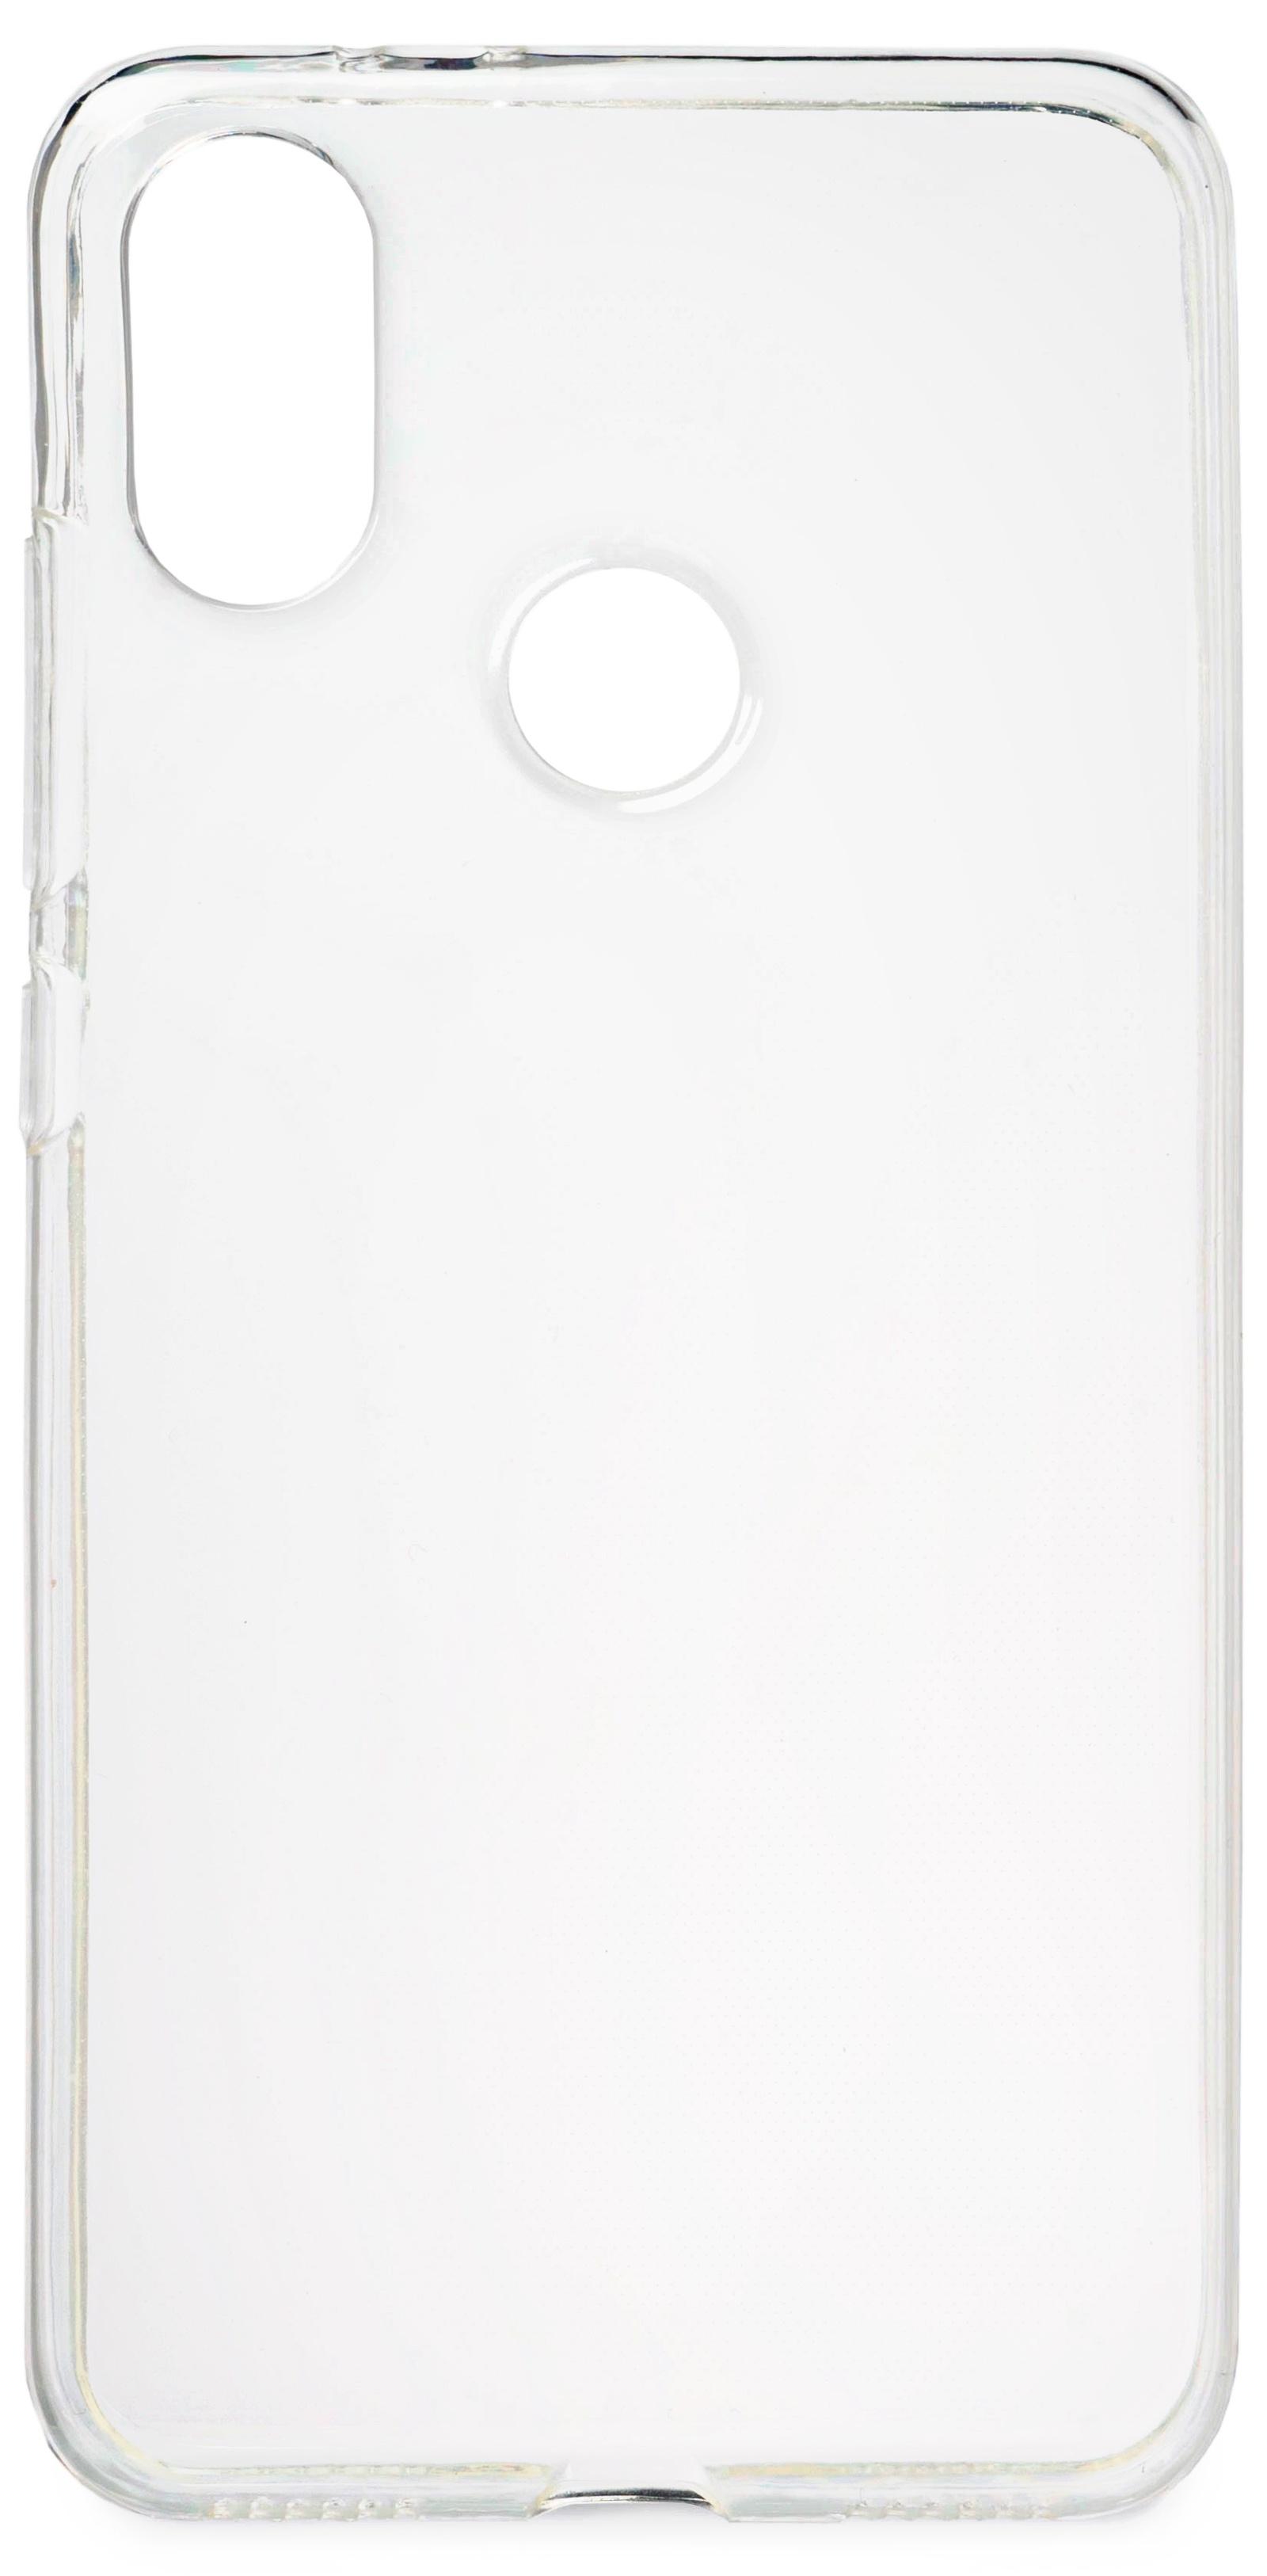 Накладка Skinbox для Xiaomi A2/6X, 4660041405545, прозрачный hu719 6x